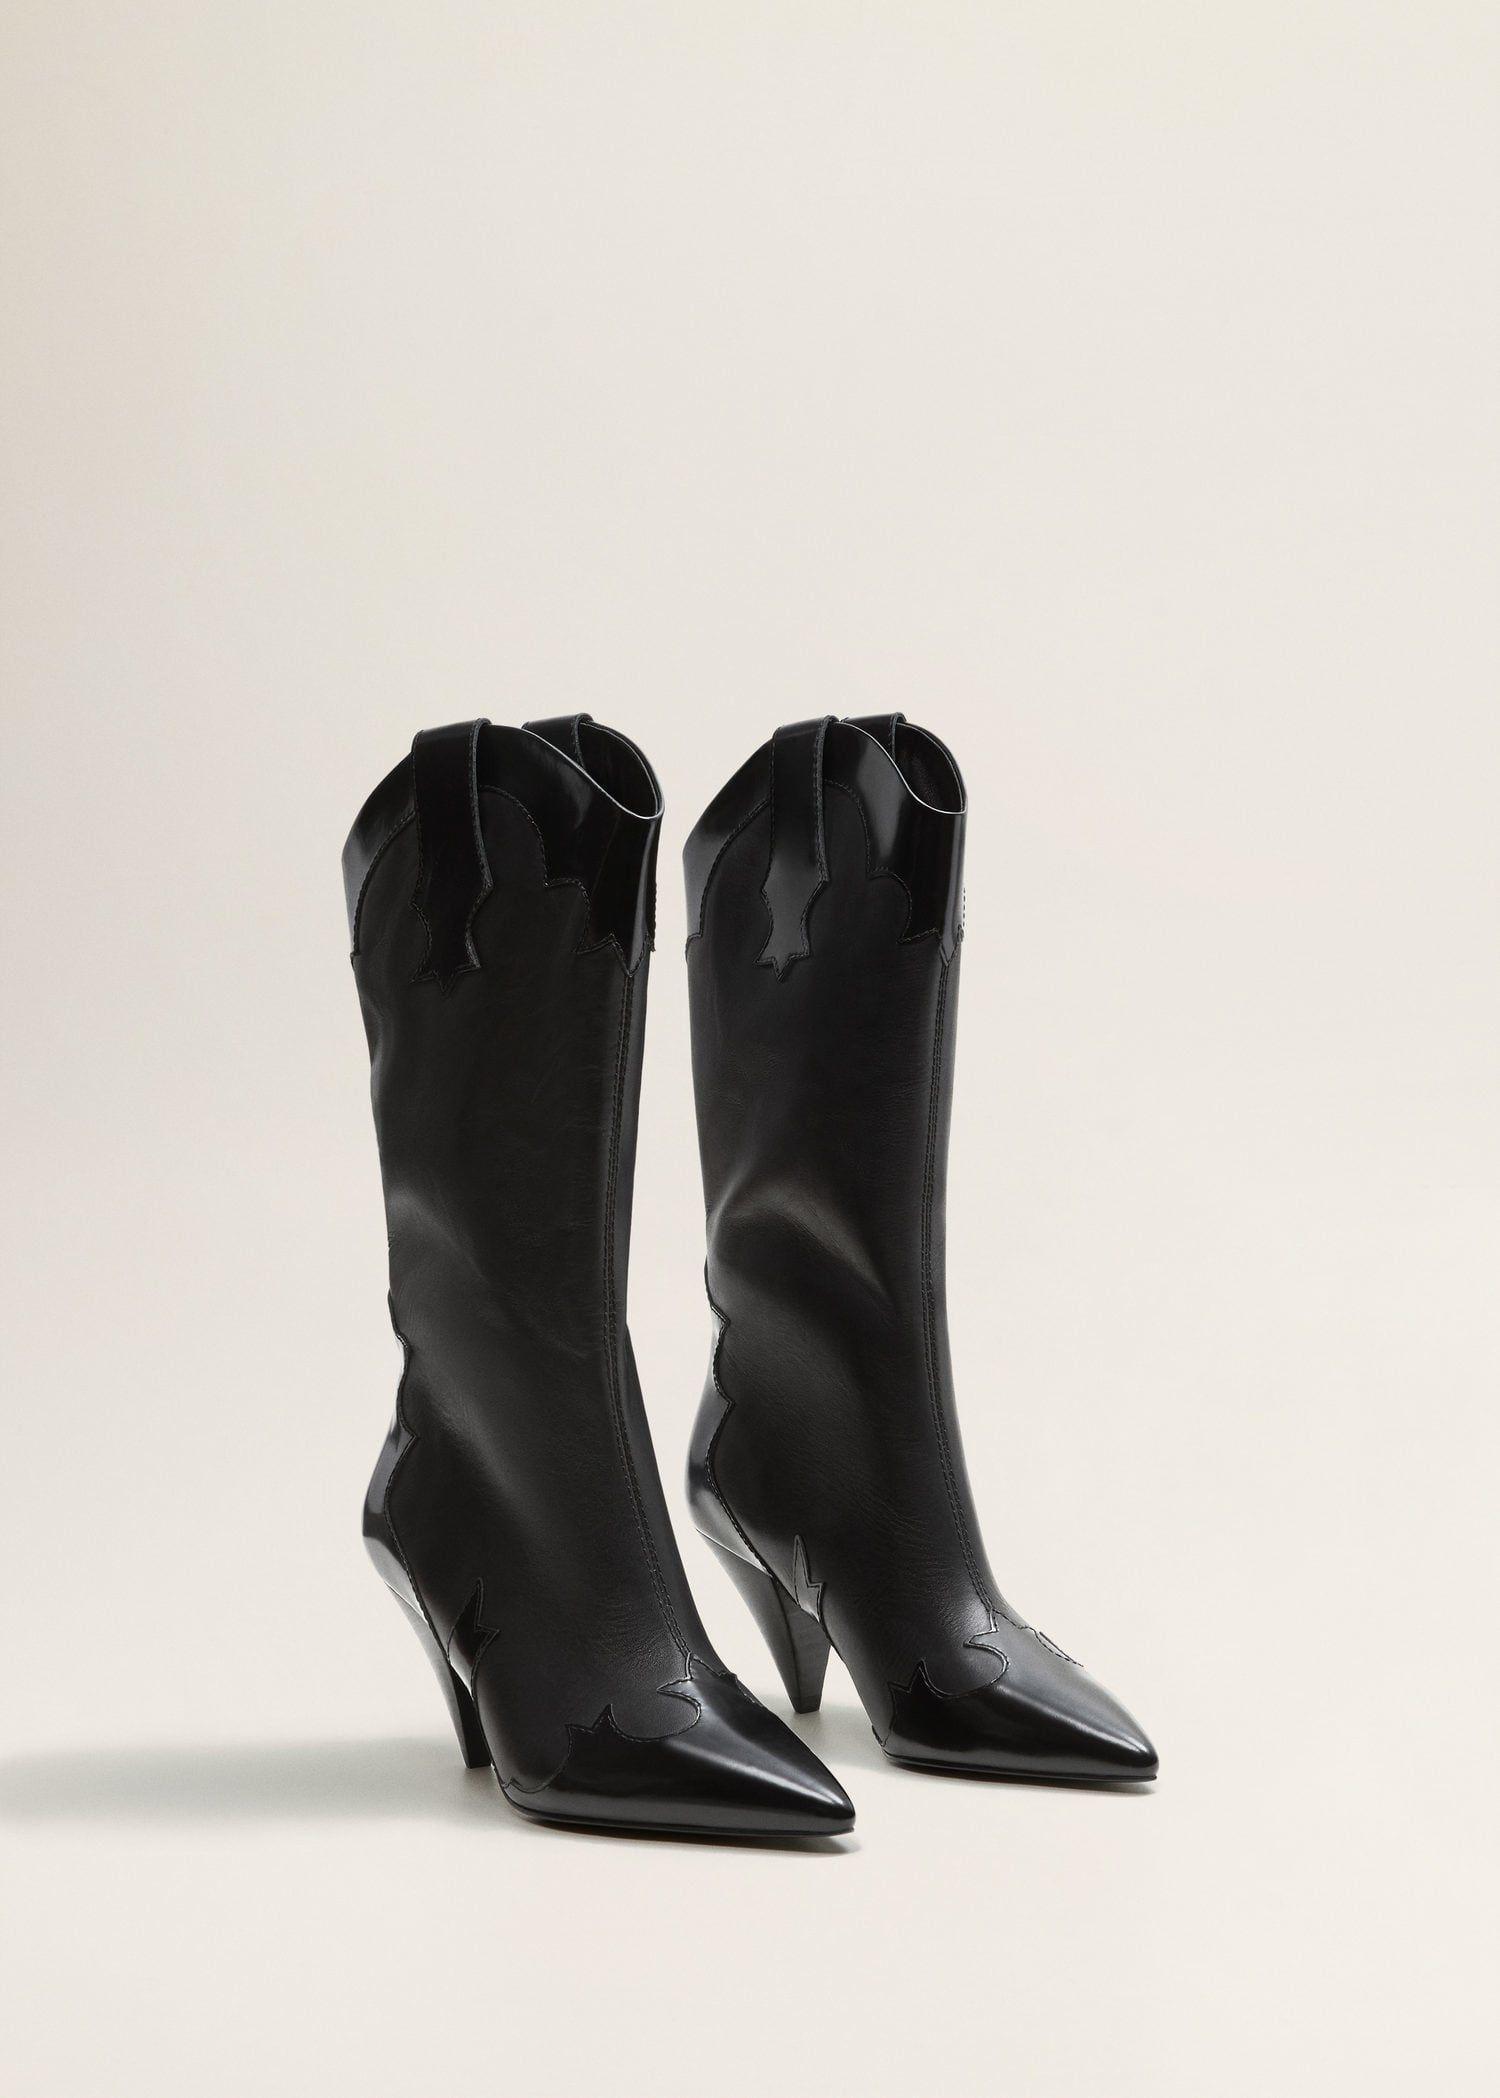 más de moda cliente primero 2020 Bota piel cowboy - Mujer | Moda Zapatos | Zapatos mujer ...